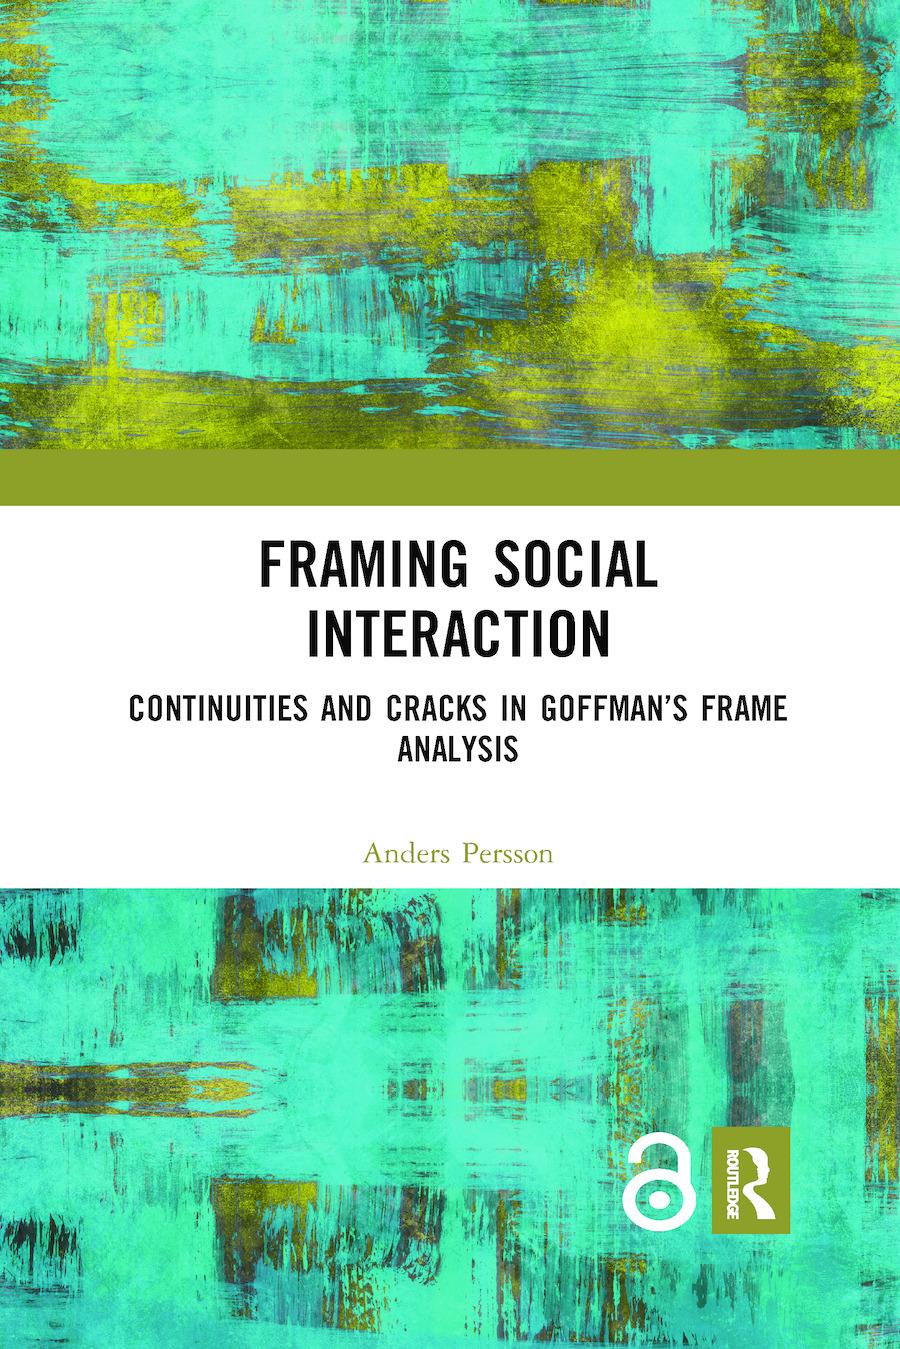 Framing Social Interaction